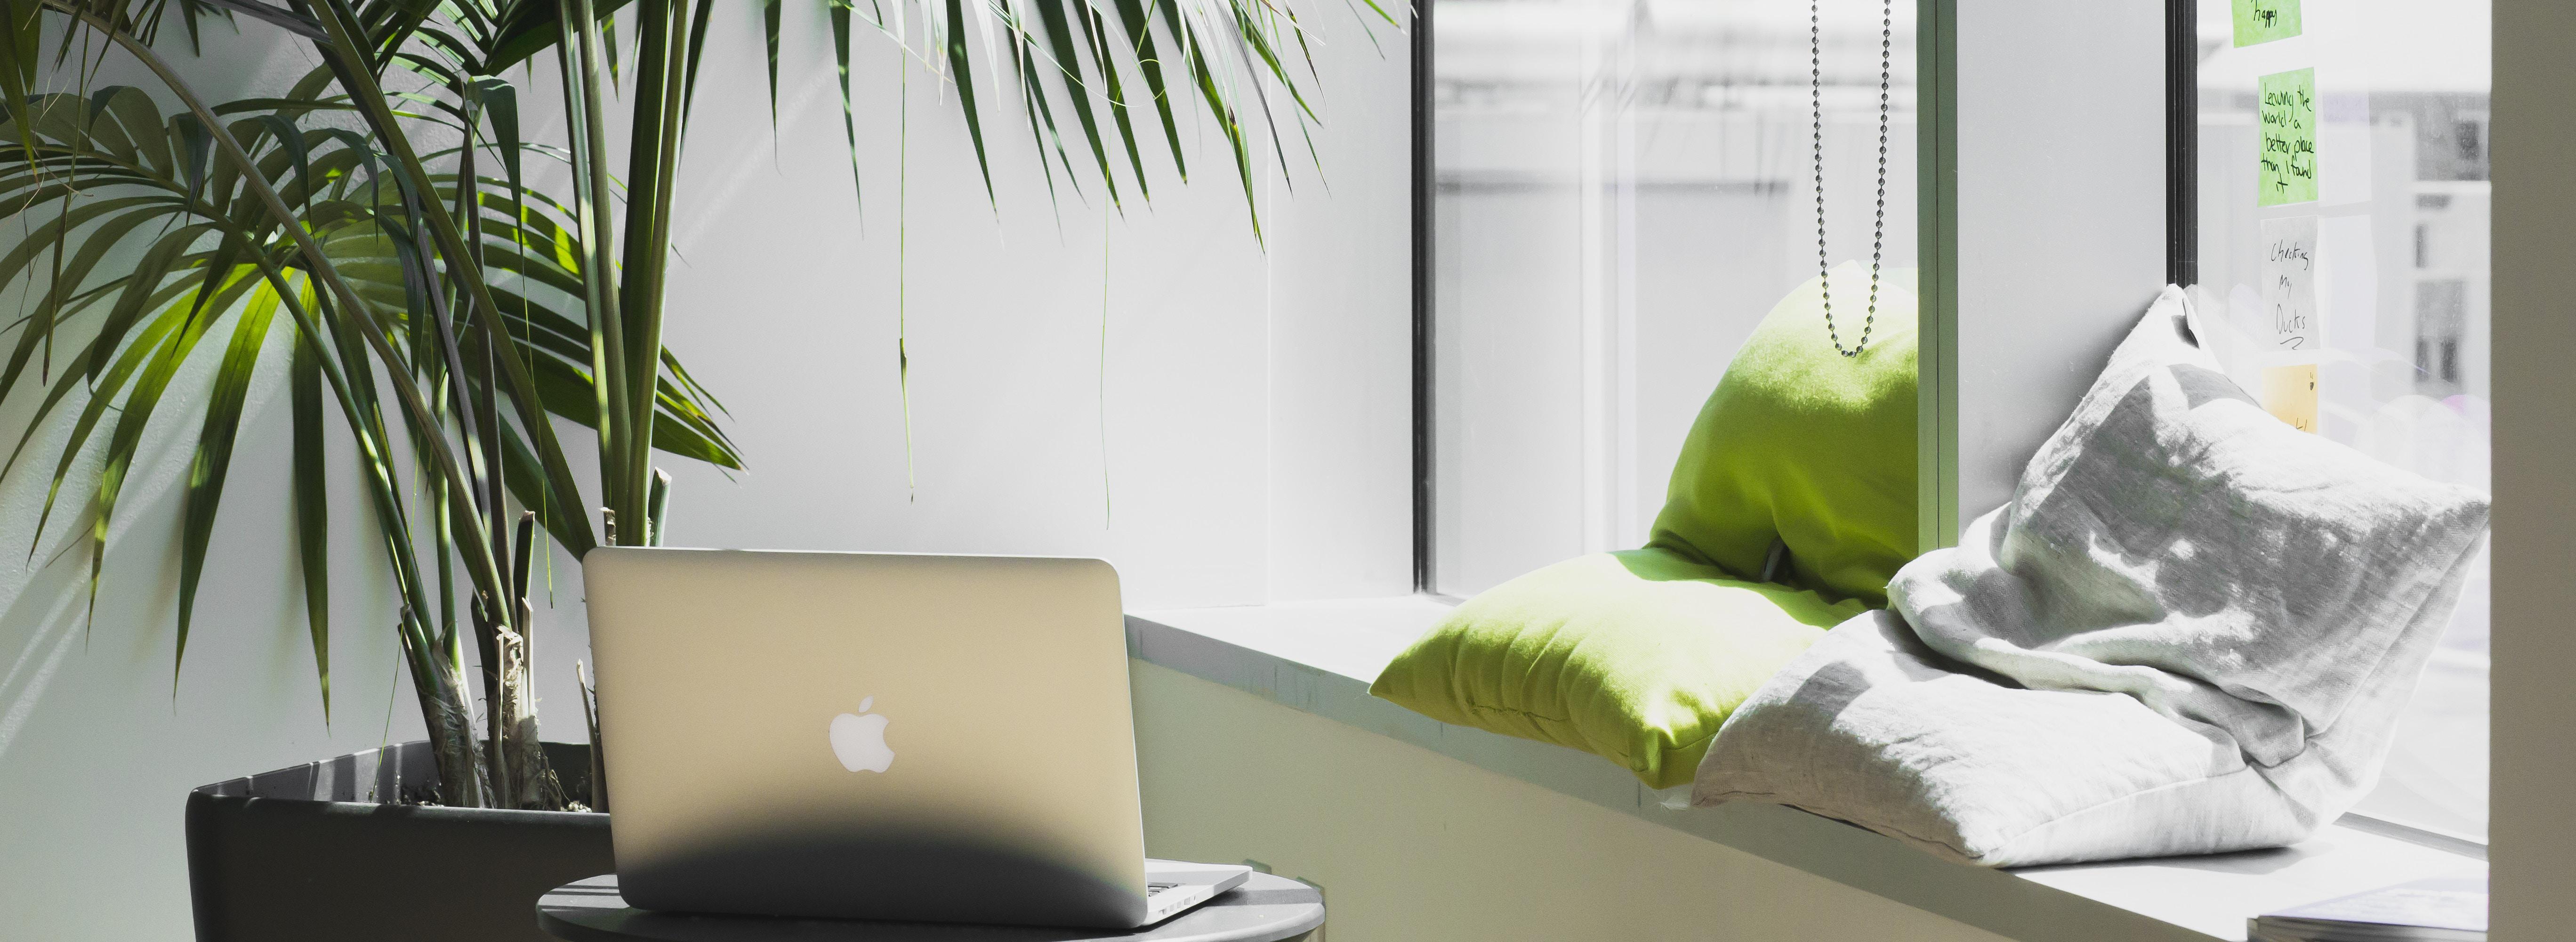 La décoration pour plantes partout dans la maison